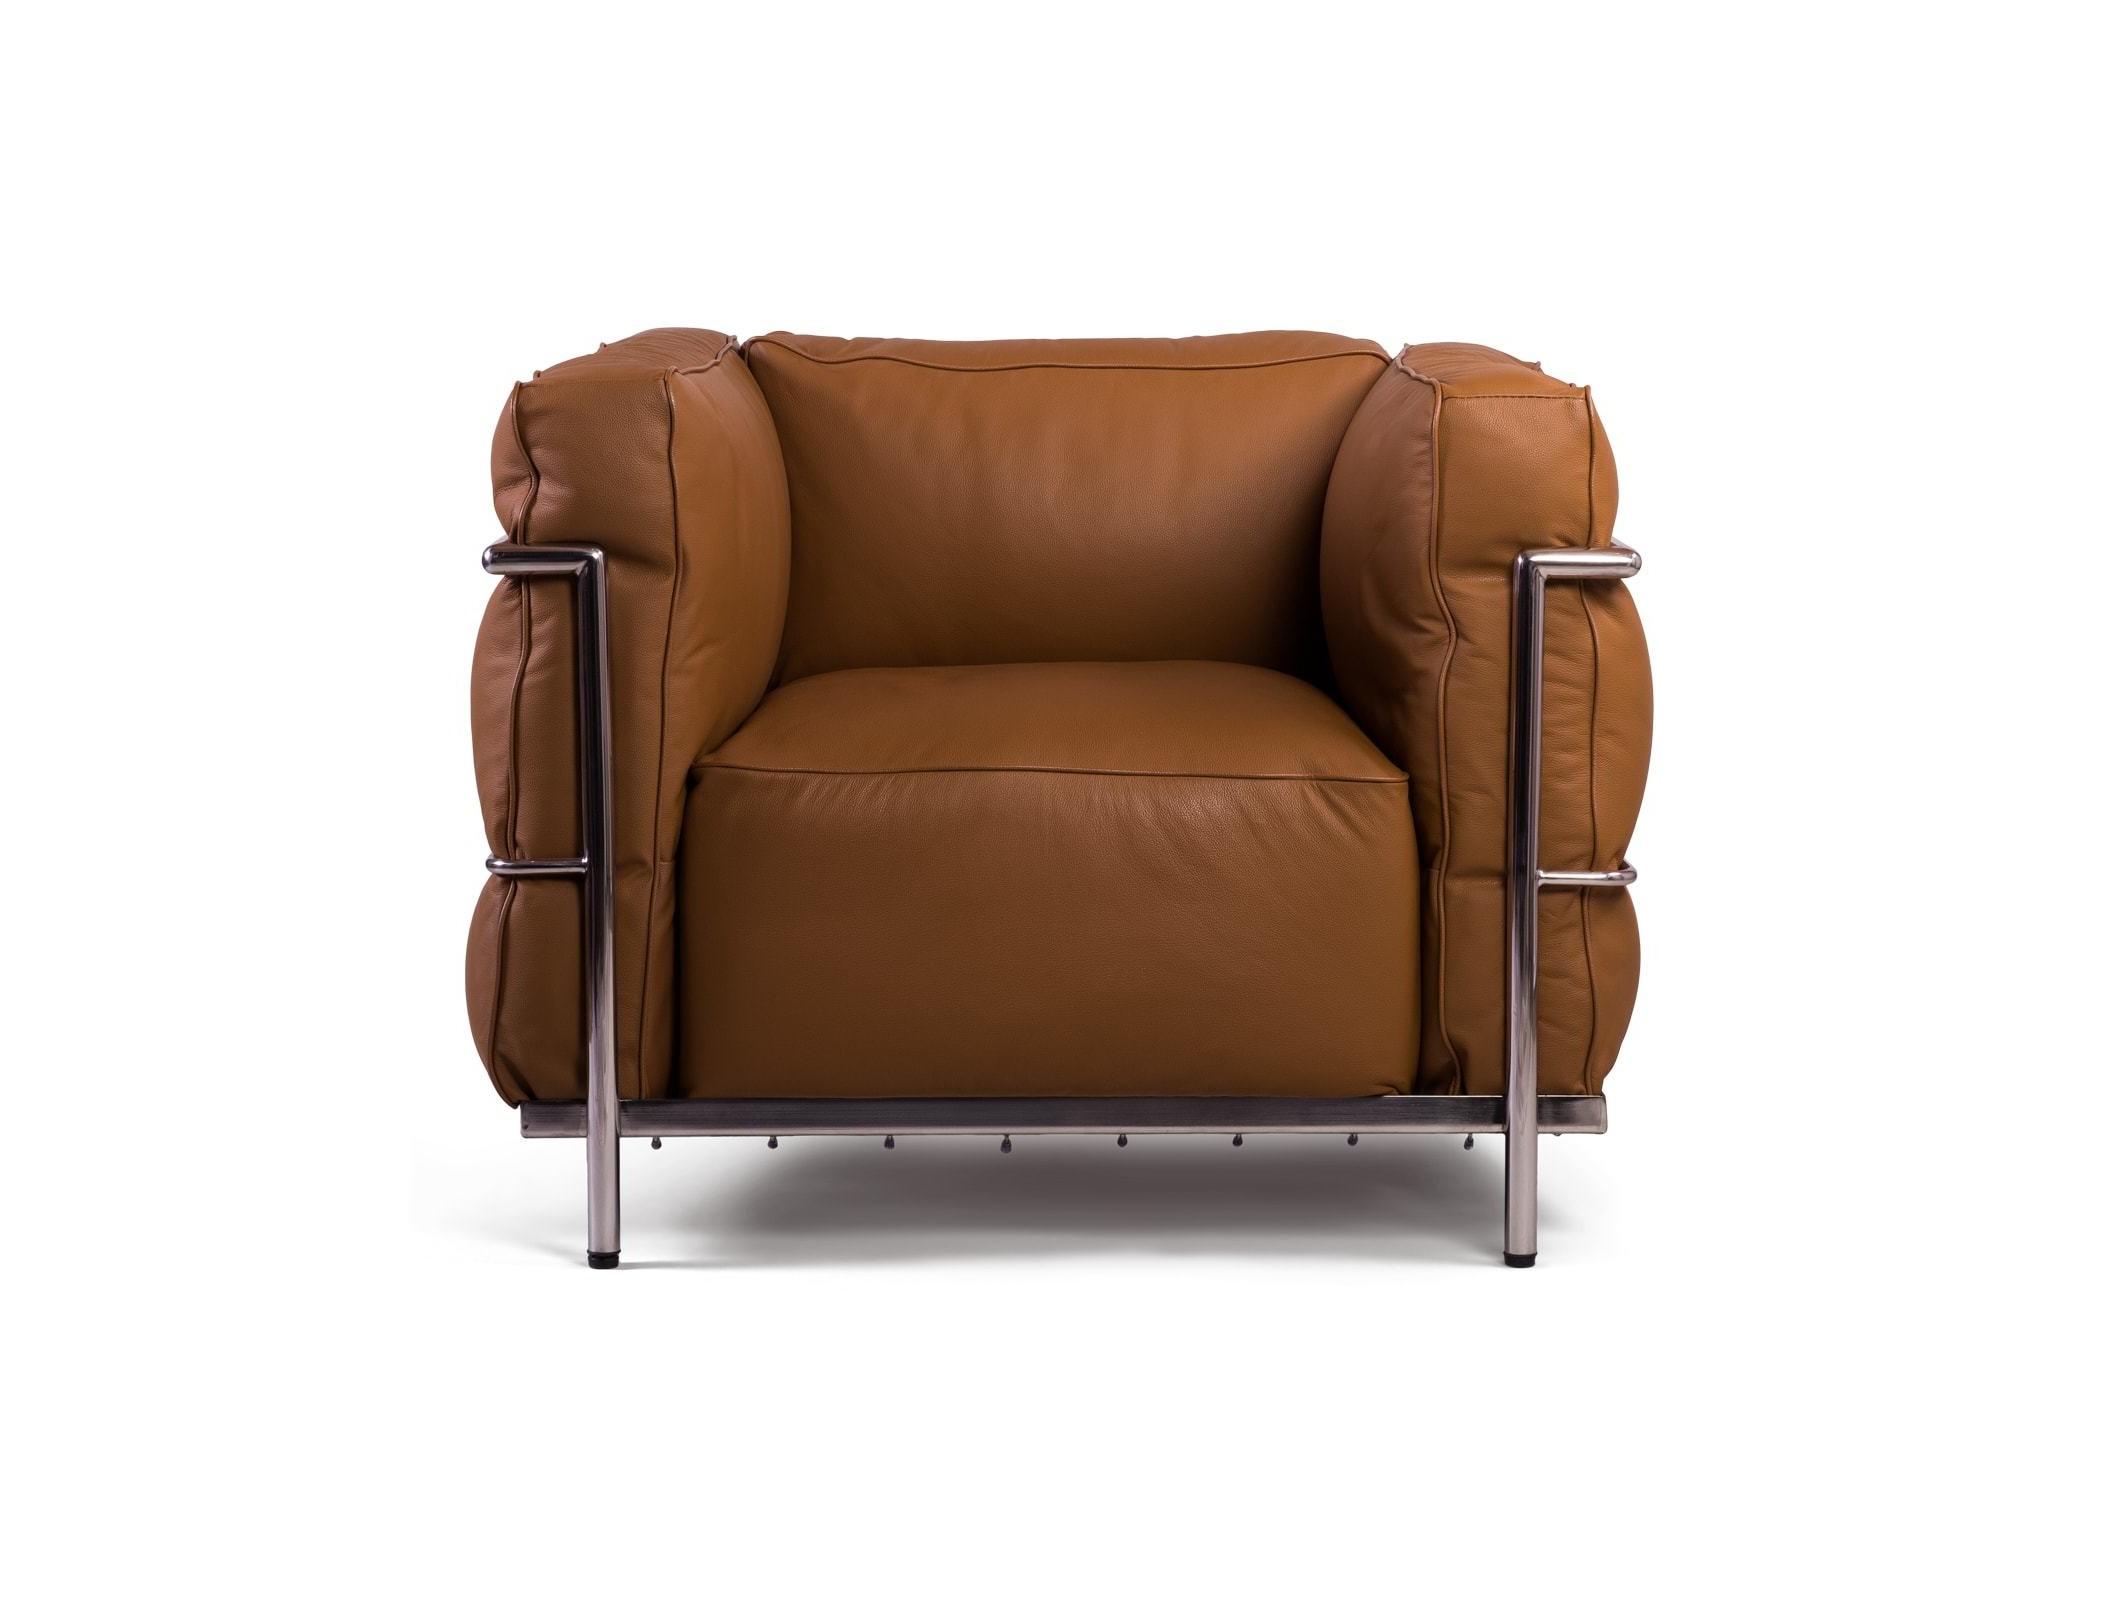 КреслоИнтерьерные кресла<br><br><br>Material: Экокожа<br>Ширина см: 72.0<br>Высота см: 90.0<br>Глубина см: 70.0